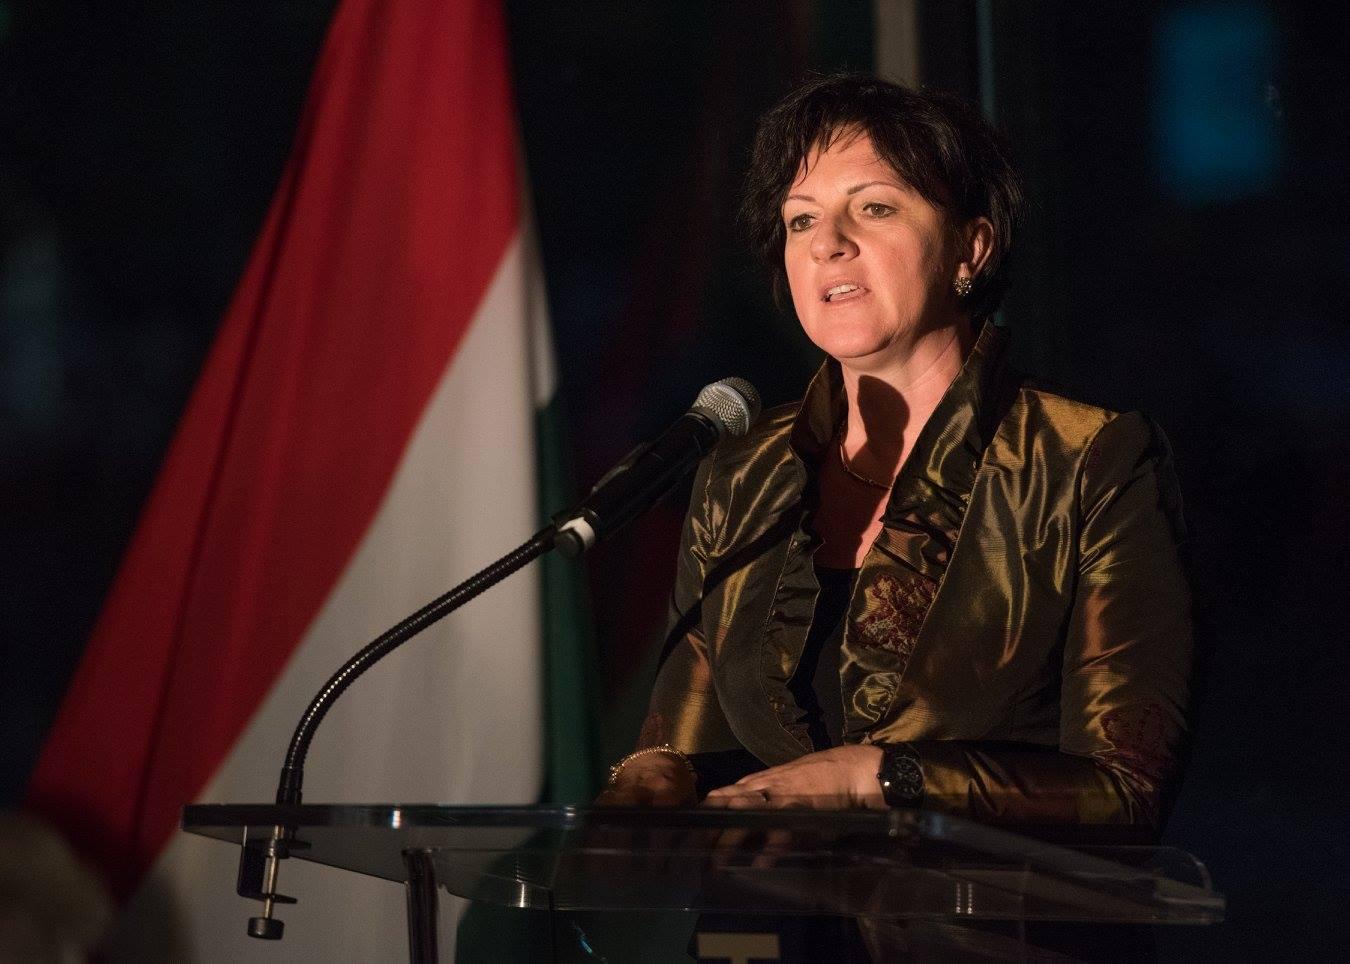 Ambassador Réka Szemerkényi